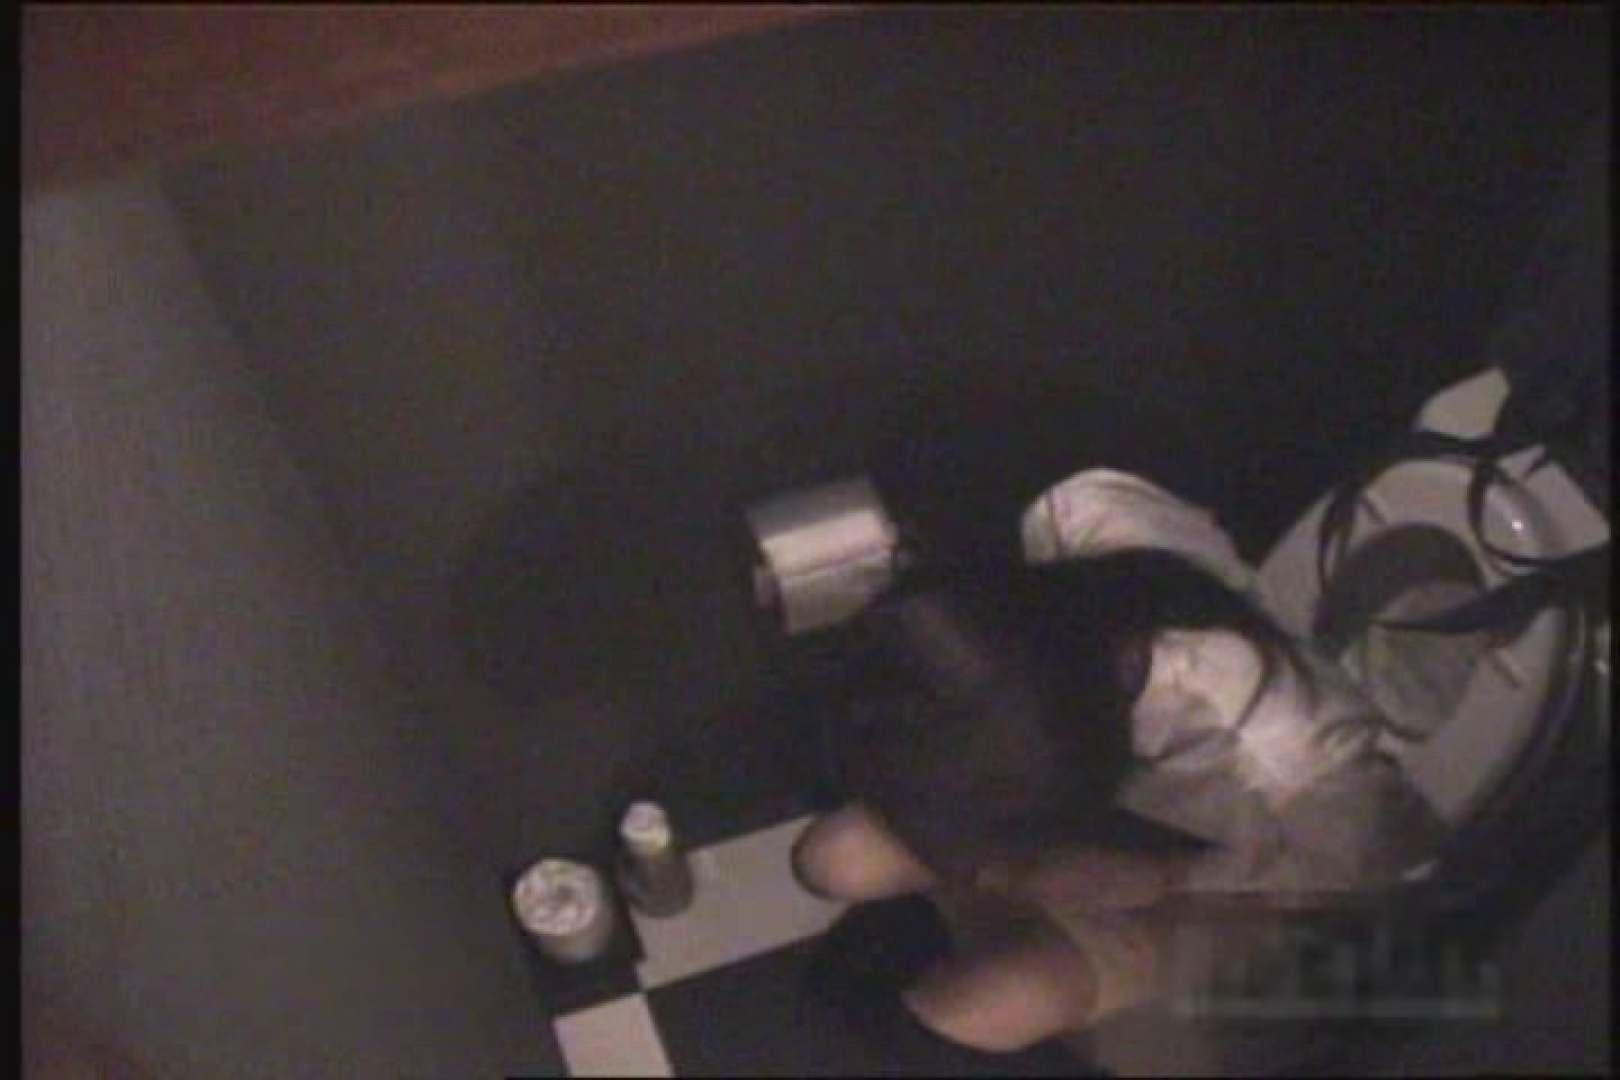 ギリギリアウトな嬢達Vol.8 学校 盗み撮り動画キャプチャ 84PIX 41